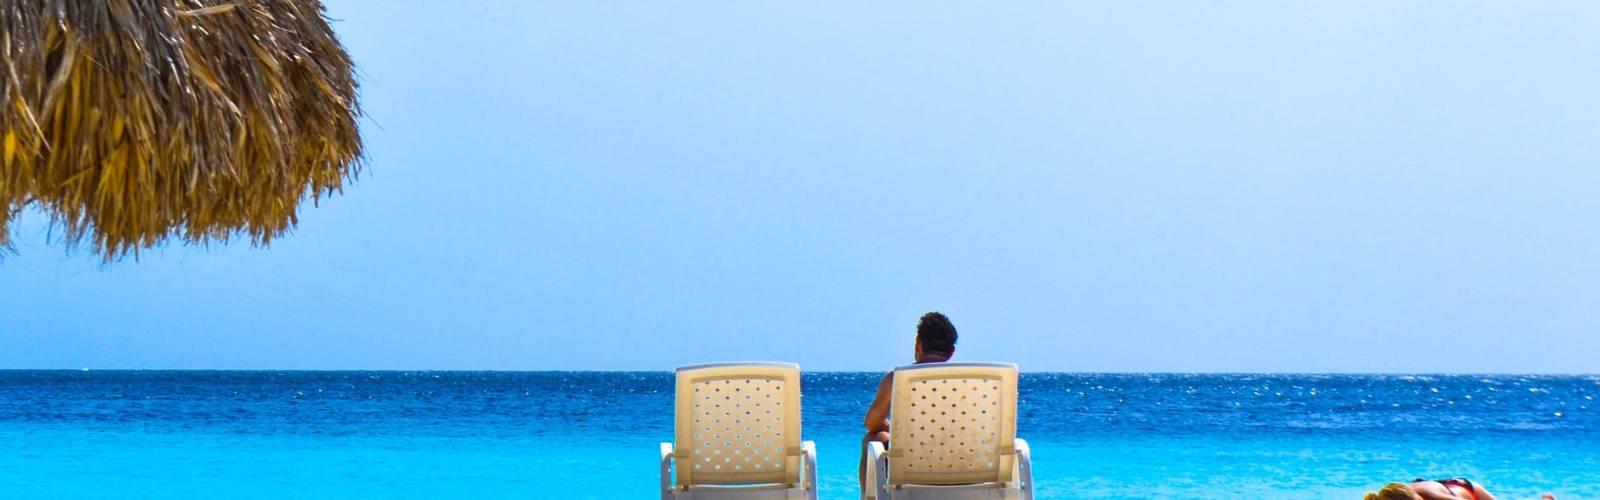 Curacao duik cursus